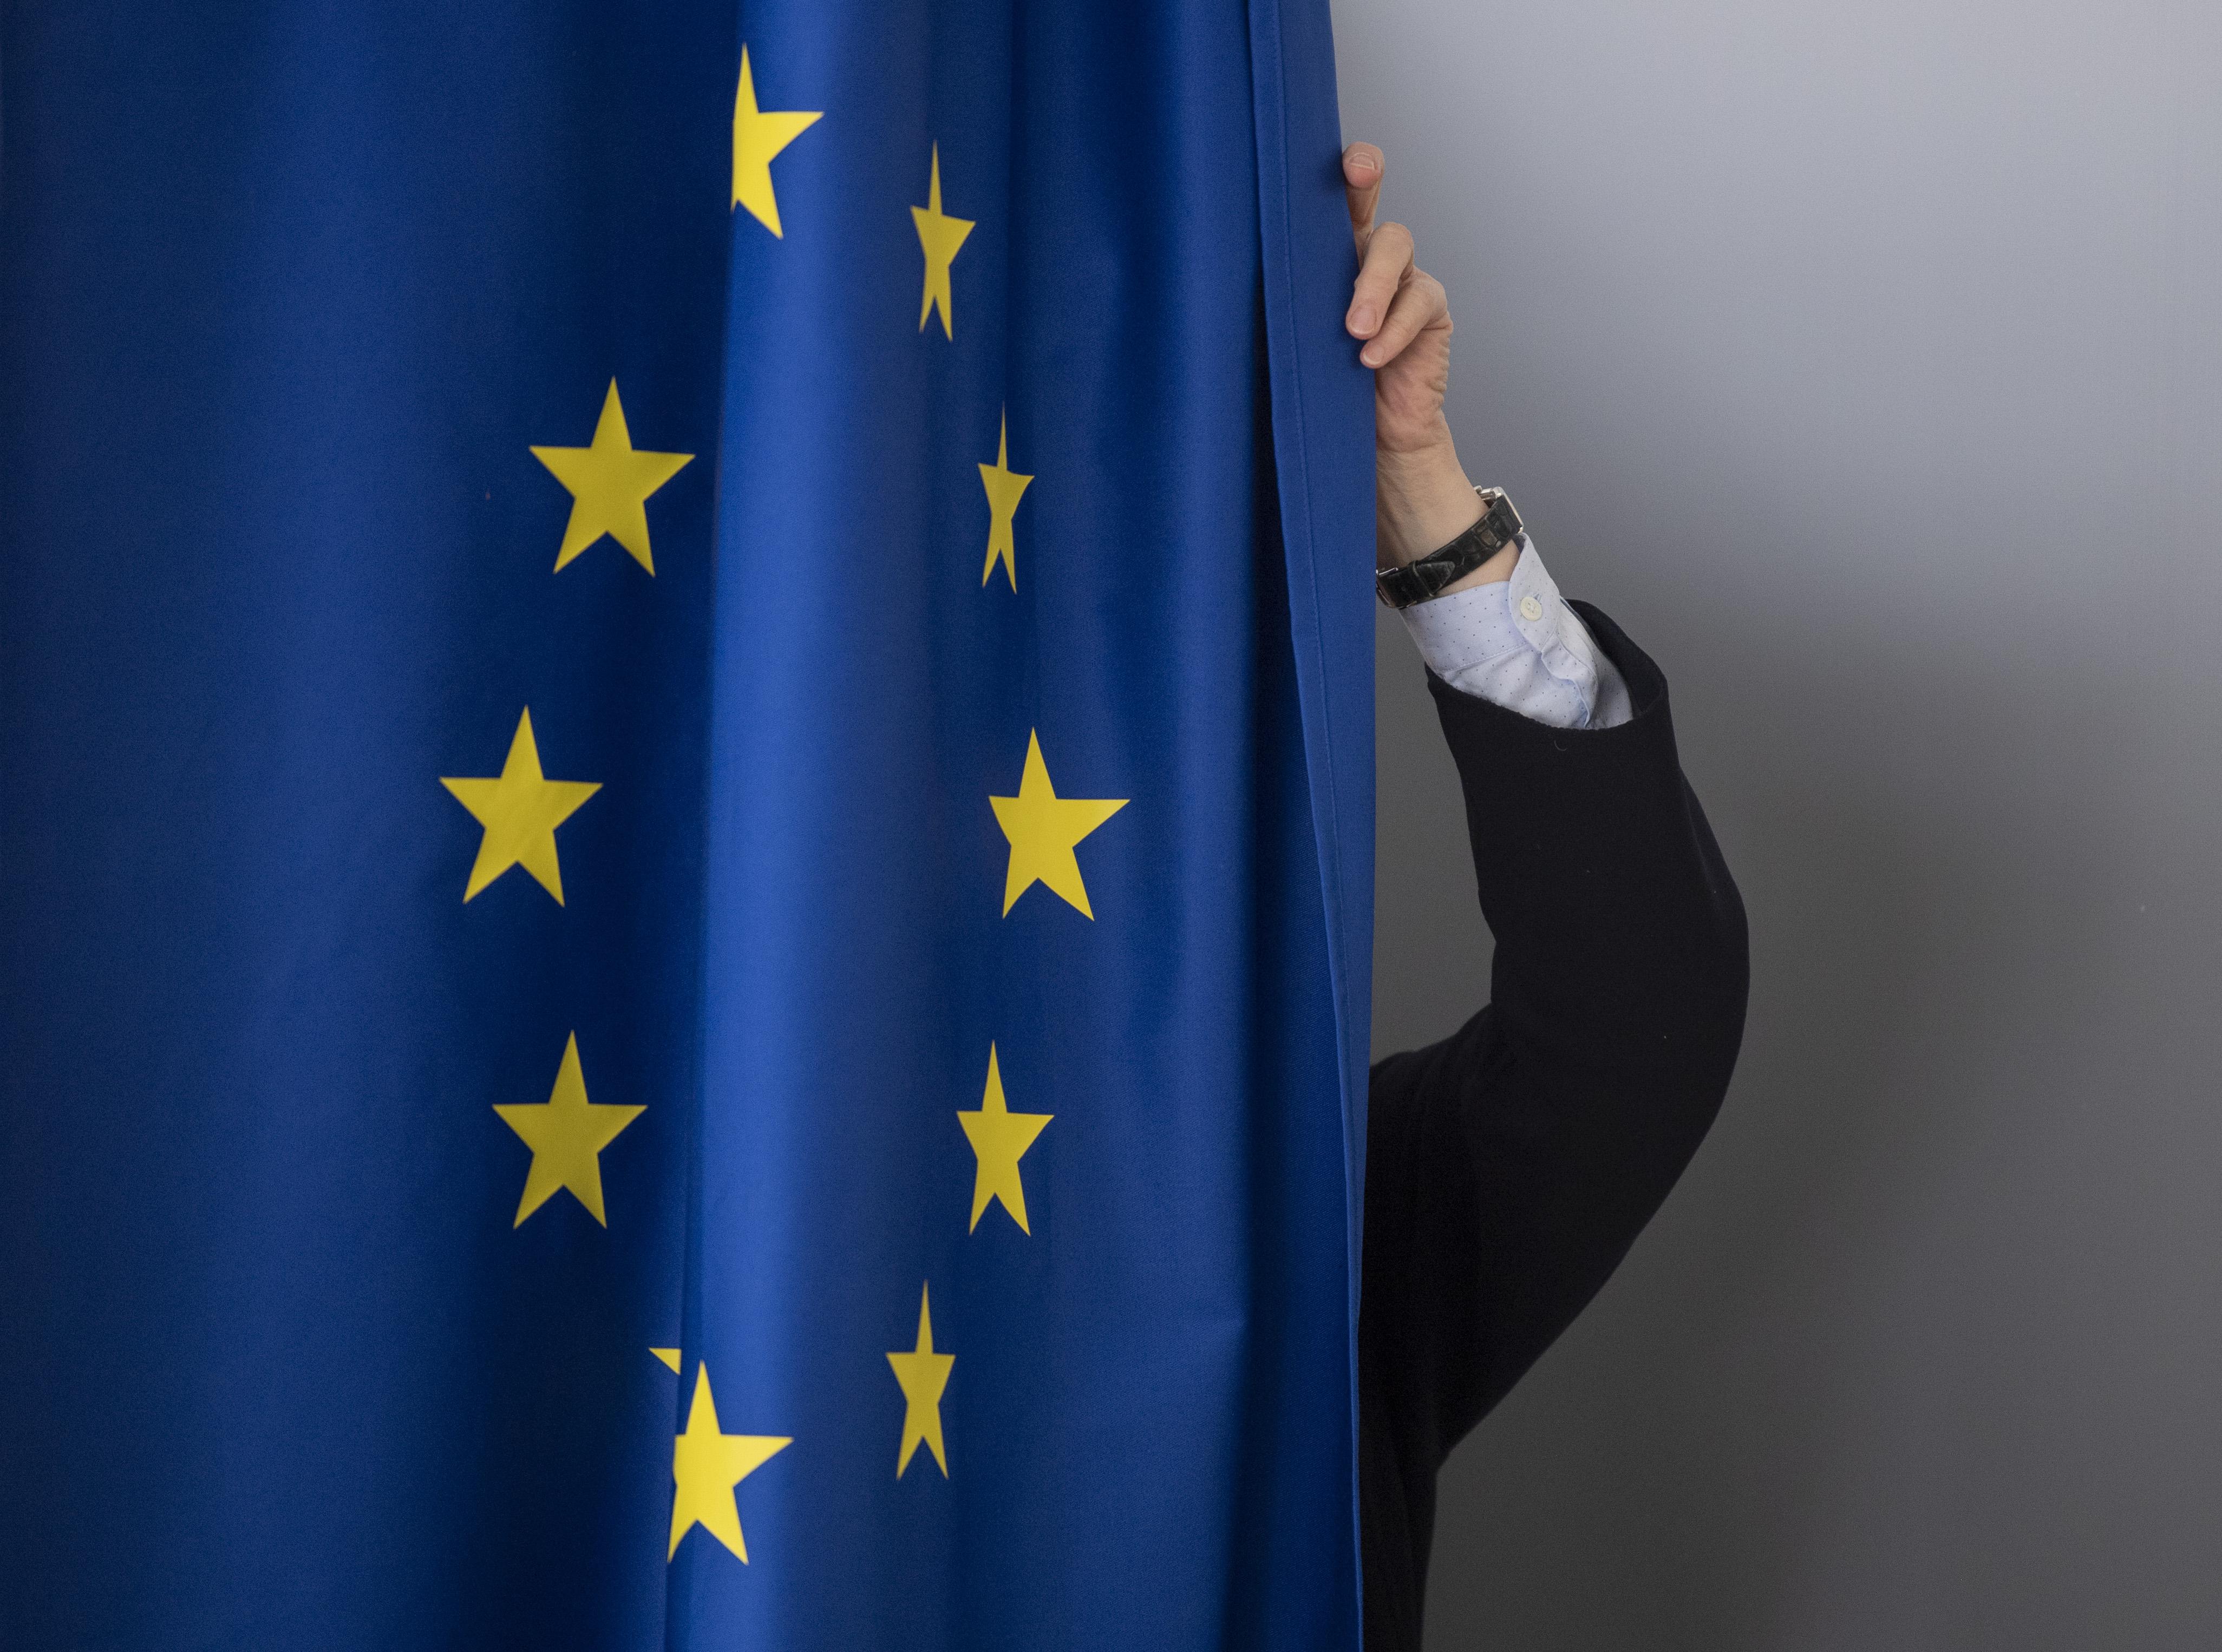 Olaszország 750 milliárd eurós helyreállítási alapot akar az EU-tól